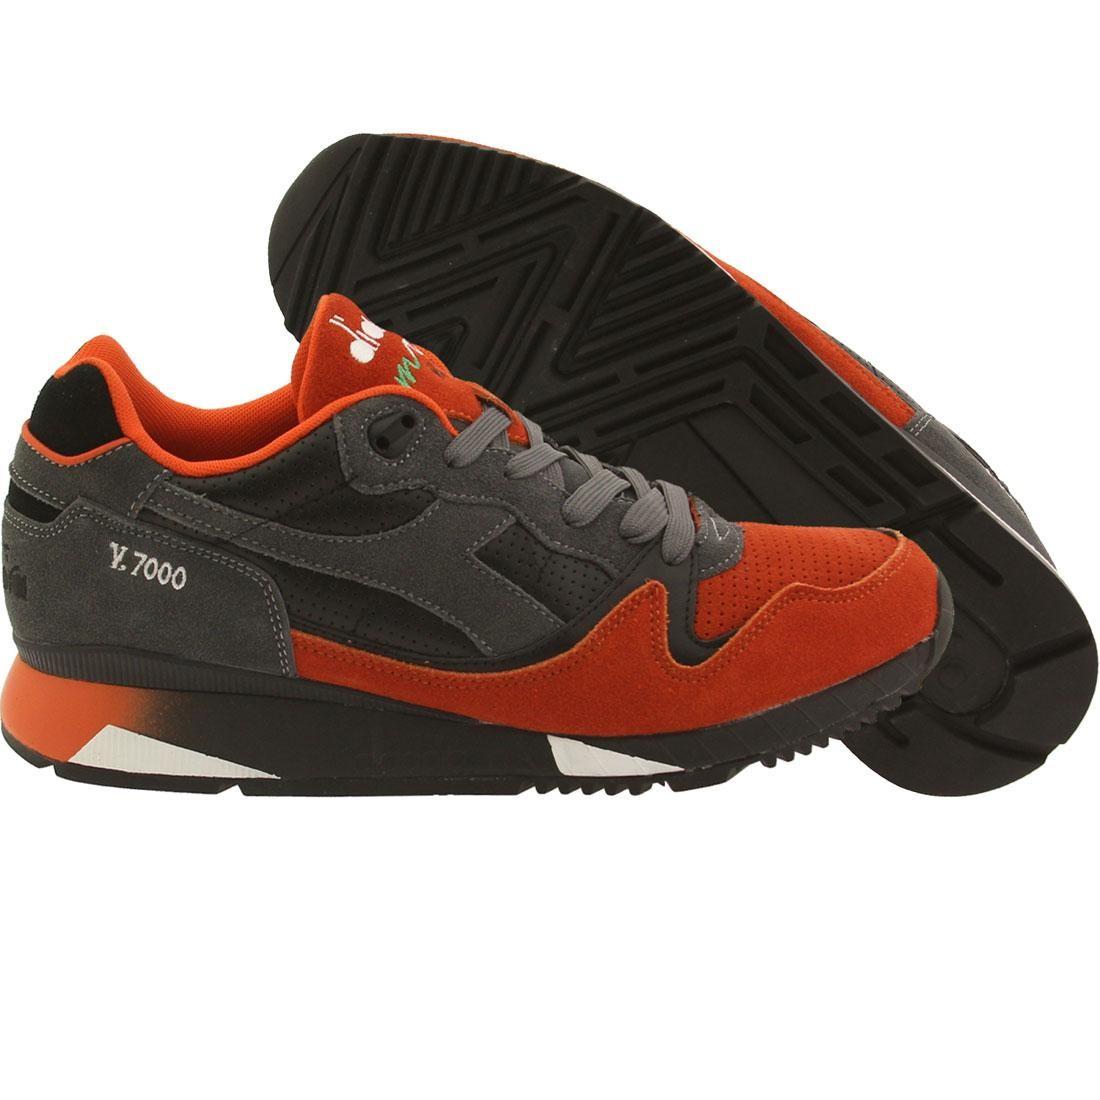 【海外限定】橙 オレンジ メンズ靴 靴 【 ORANGE DIADORA MEN V7000 BLACK CASTLEROCK 】